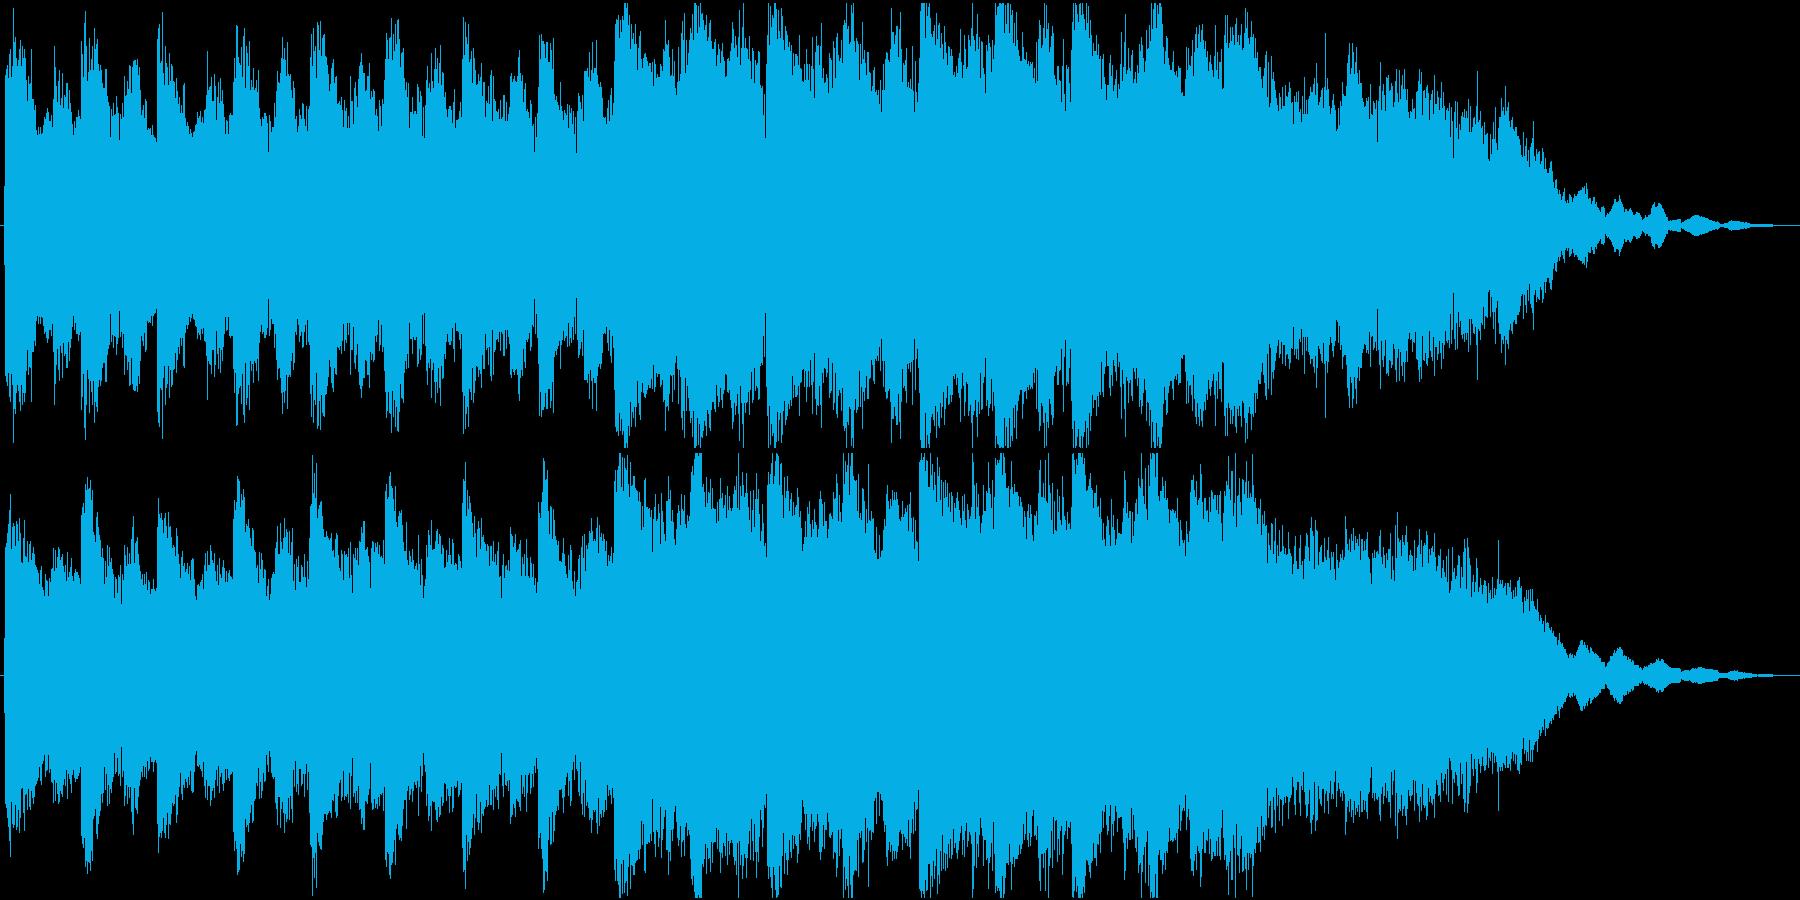 女性&クワイア ヒーリングミュージックの再生済みの波形